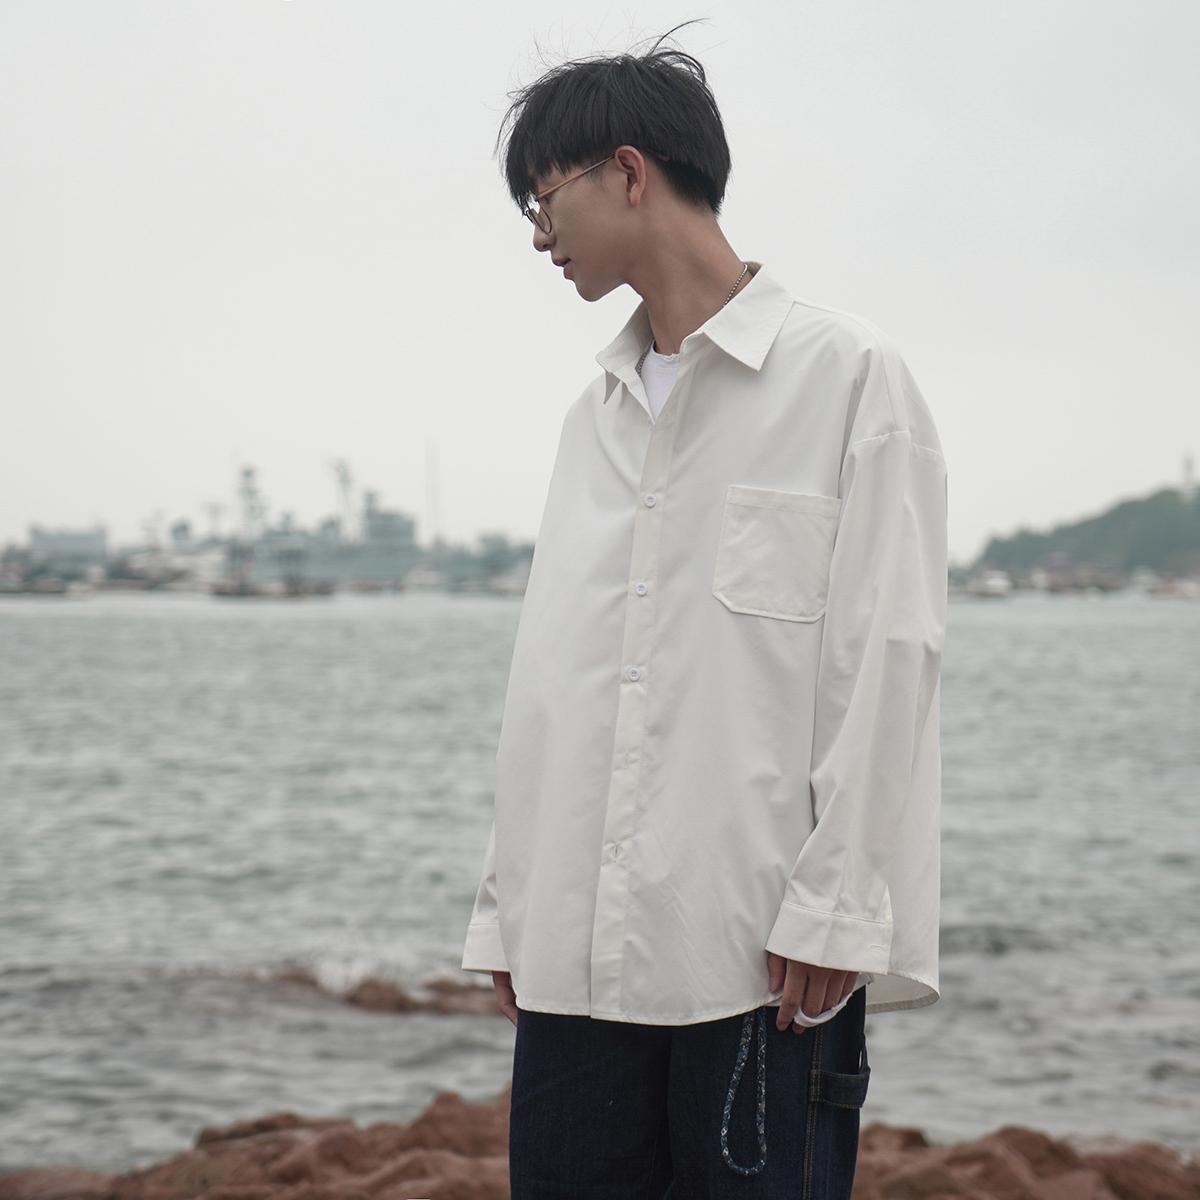 (用1元券)禾子先生 男士长袖衬衫韩版纯色宽松小清新港味潮流秋季打底衬衣